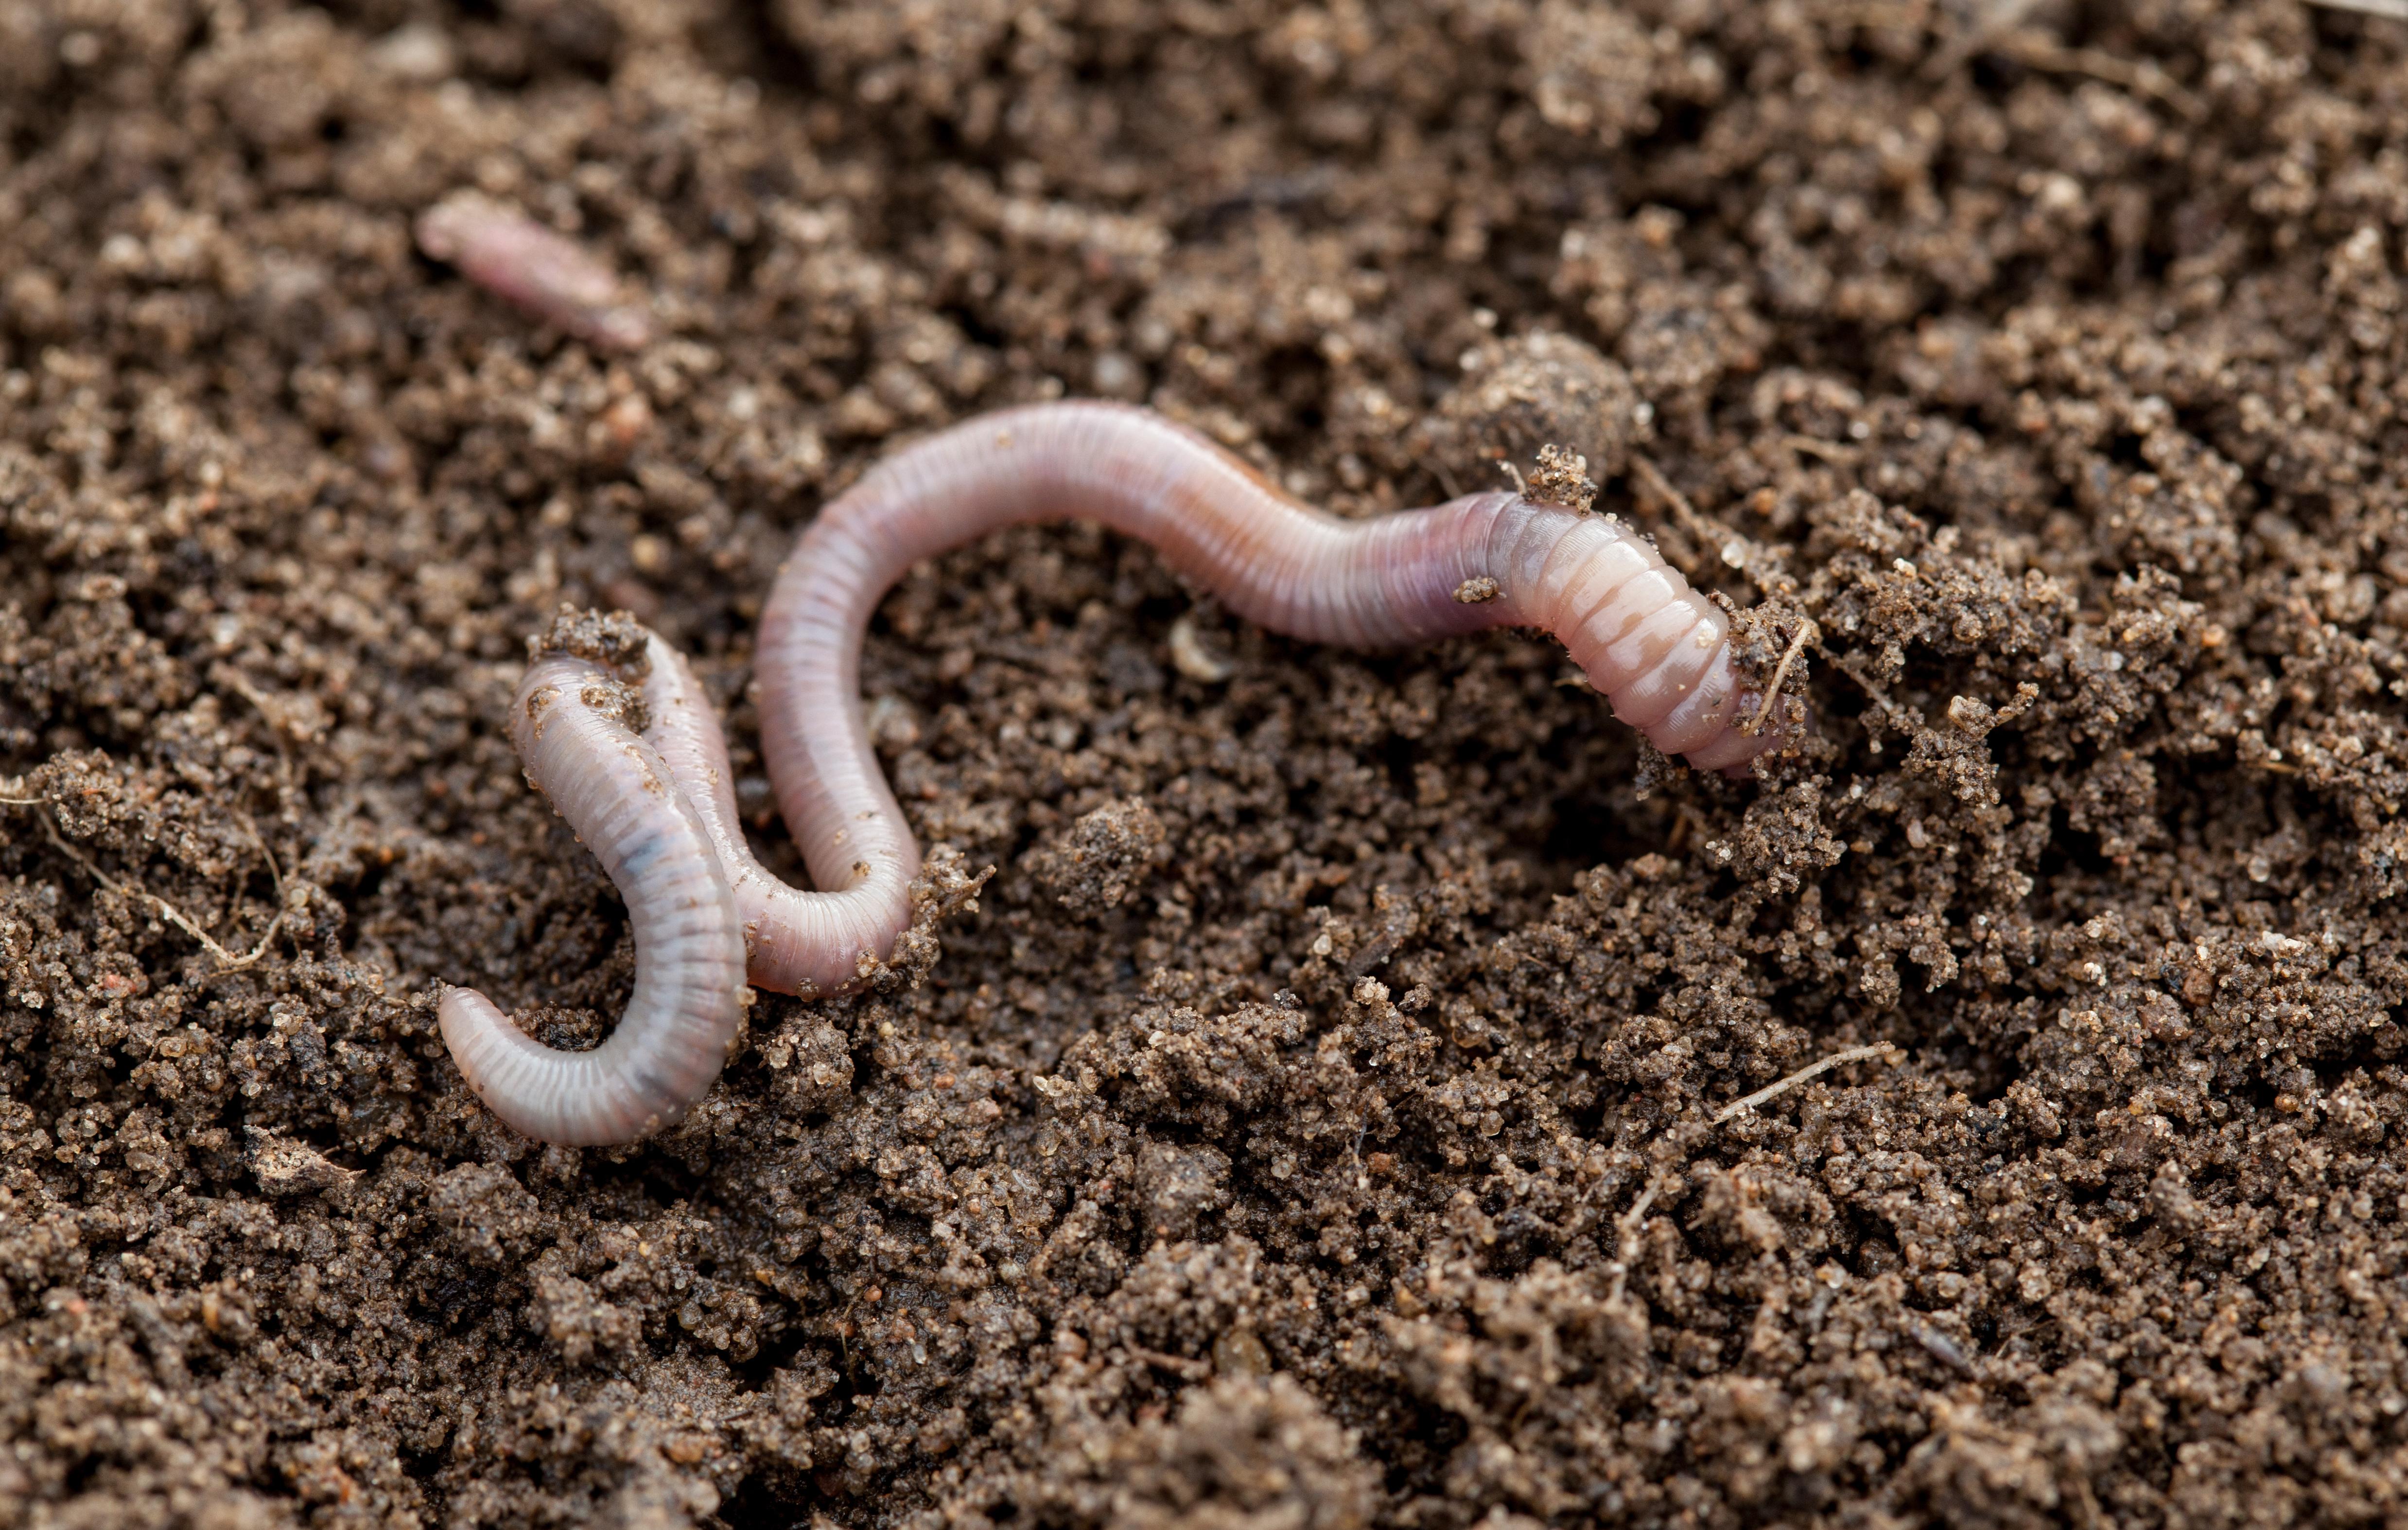 As minhocas produzem o húmus pela decomposição da matéria orgânica durante o processo de digestão